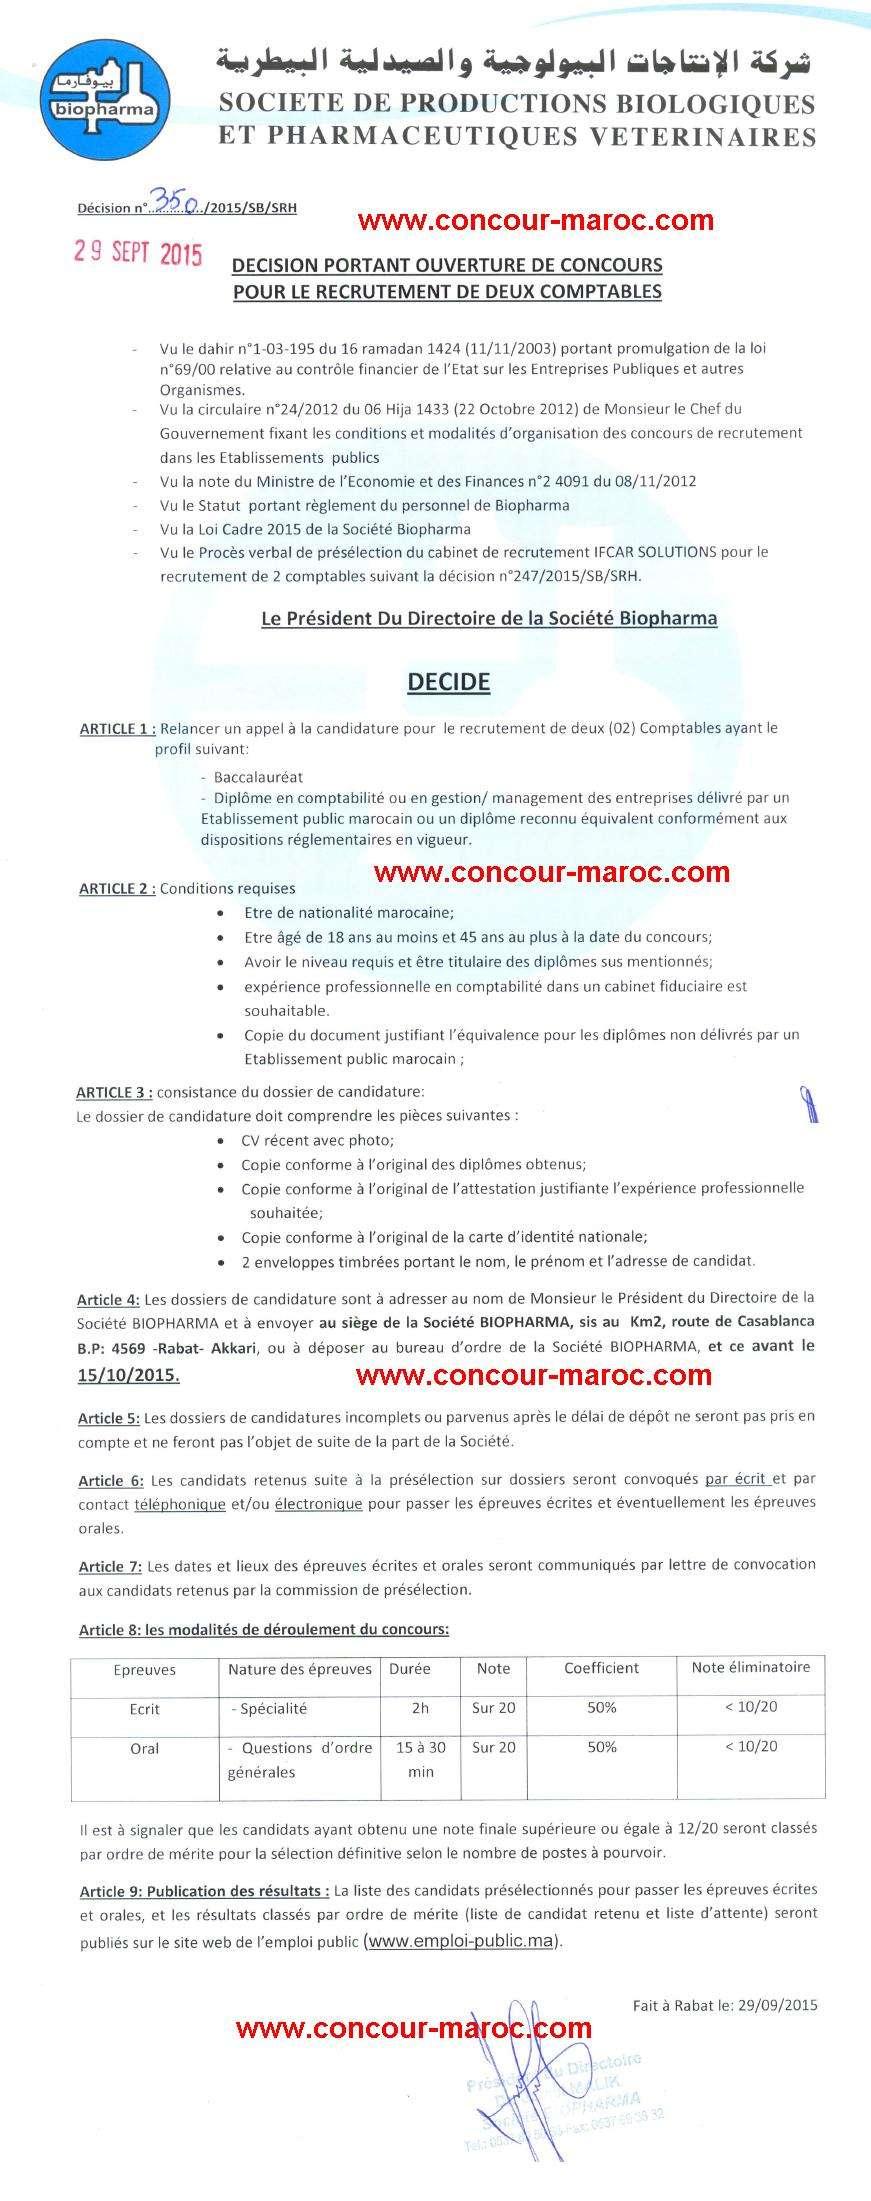 شركة الإنتاجات البيولوجية والصيدلية البيطرية (بيوفارما) : مباراة لتوظيف محاسب (2 منصبان) آخر أجل لإيداع الترشيحات 15 اكتوبر 2015 Concou47